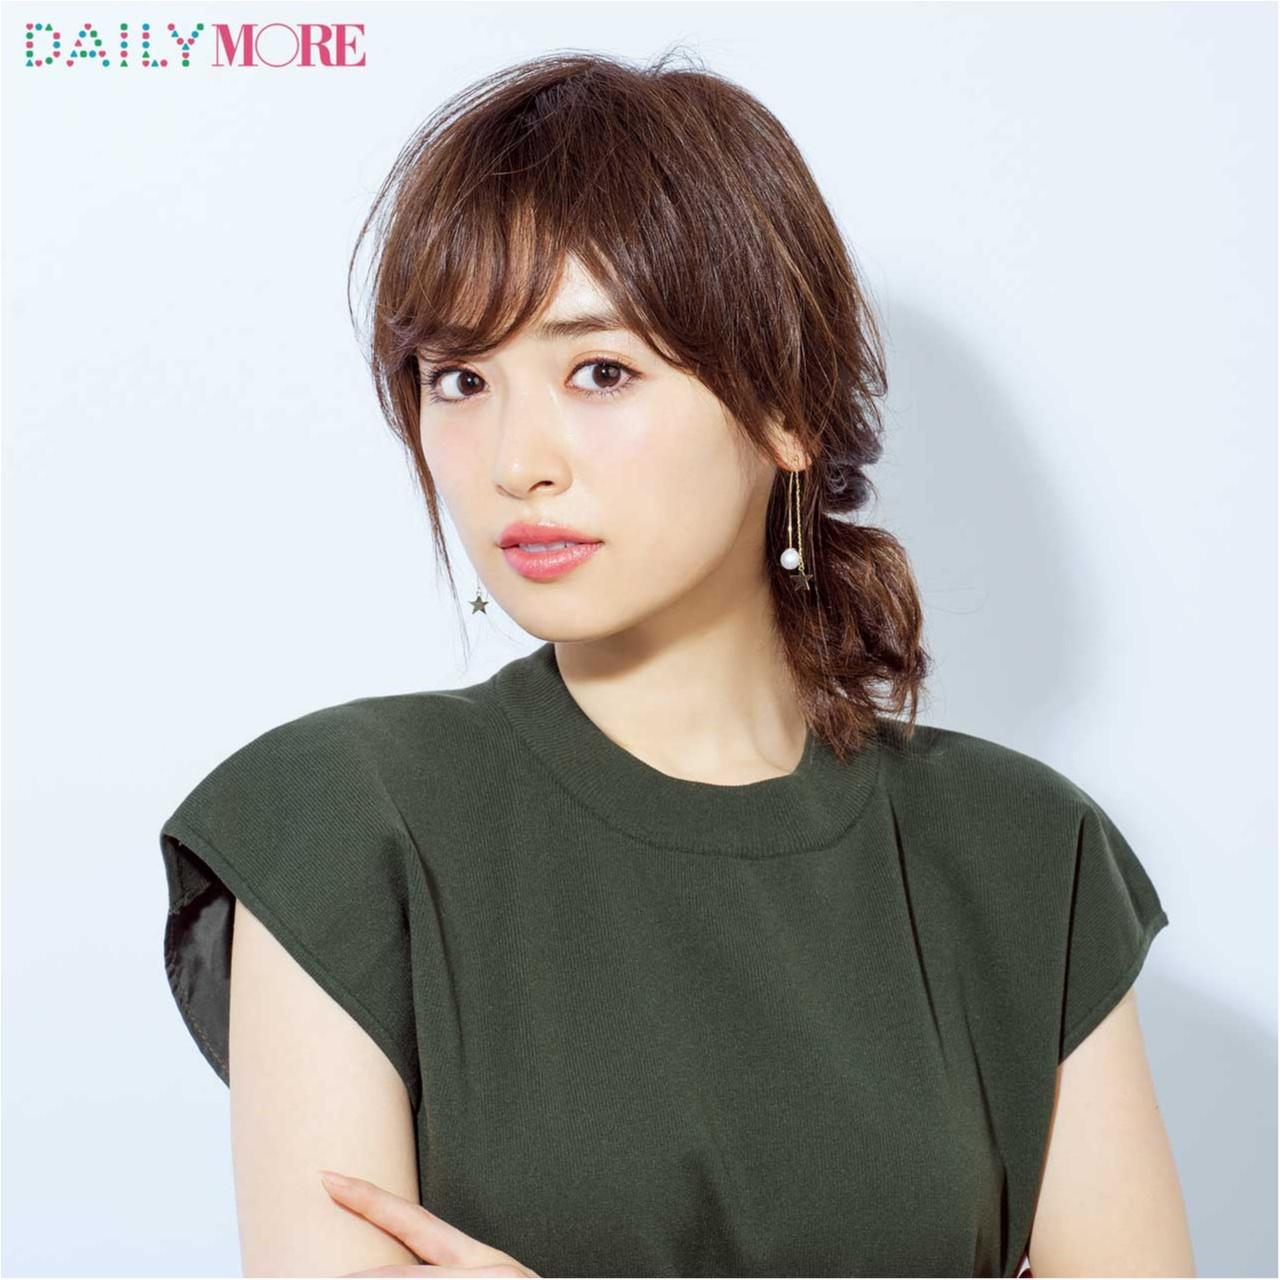 【保存版】トレンドの可愛いヘアスタイル・髪型30選大発表!9